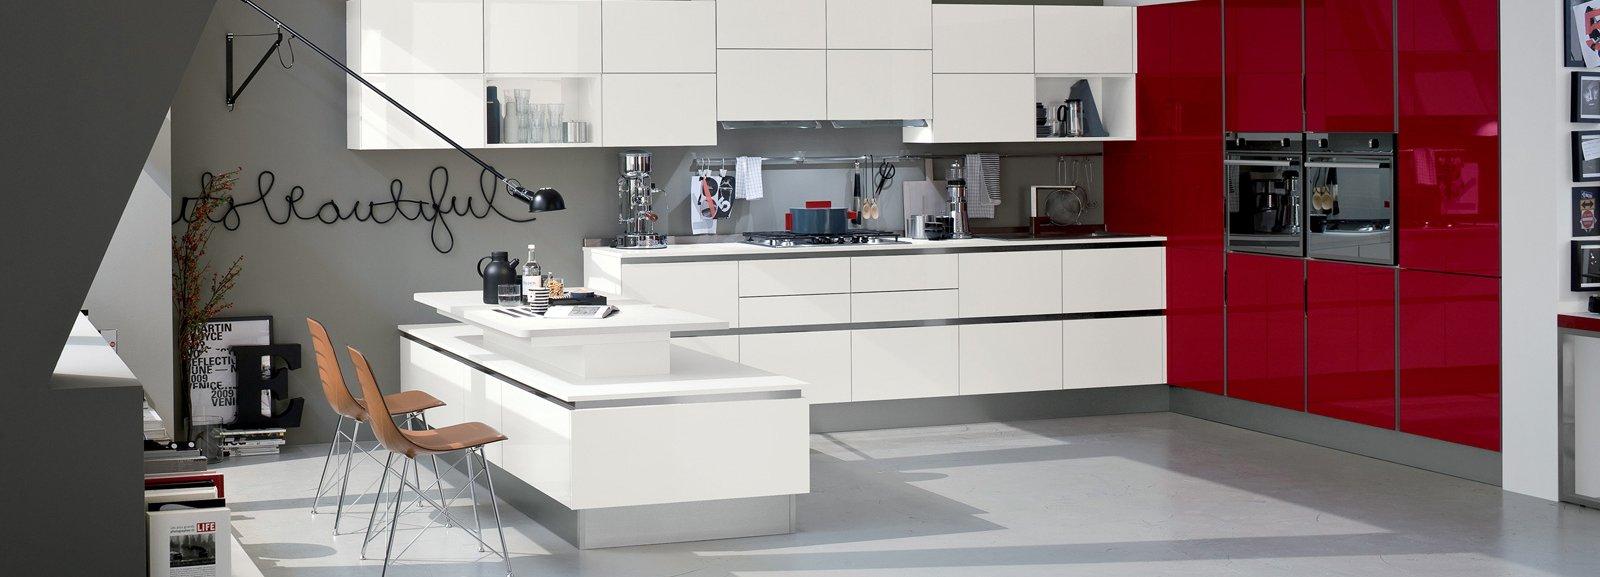 Cucine bicolore l 39 alternanza cromatica fa tendenza cose - Cucine bicolore moderne ...